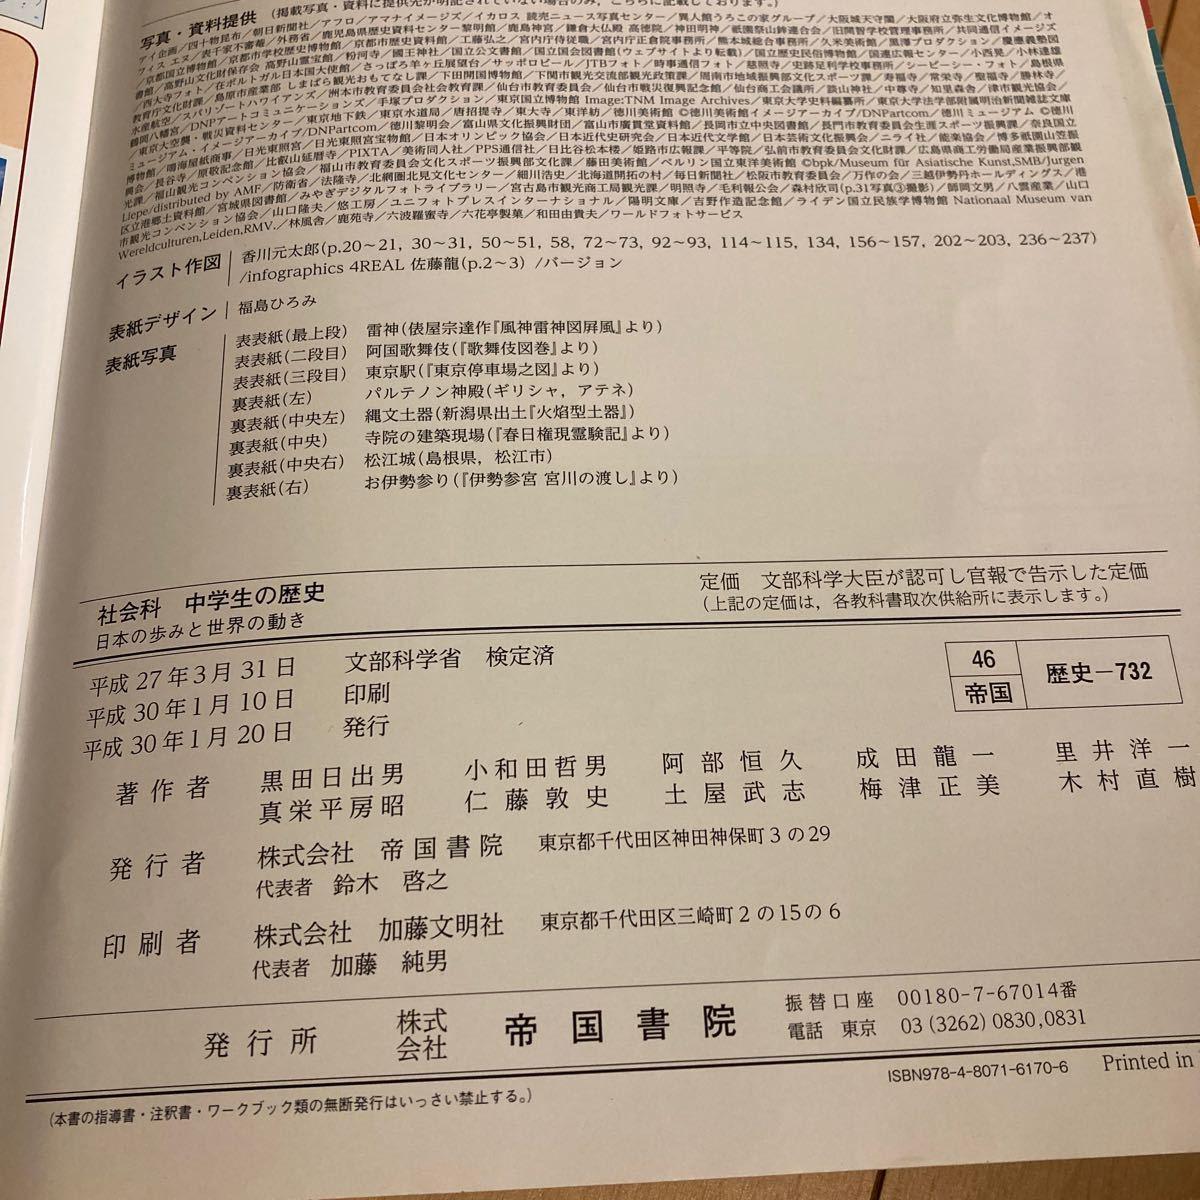 中学 社会科中学生の歴史